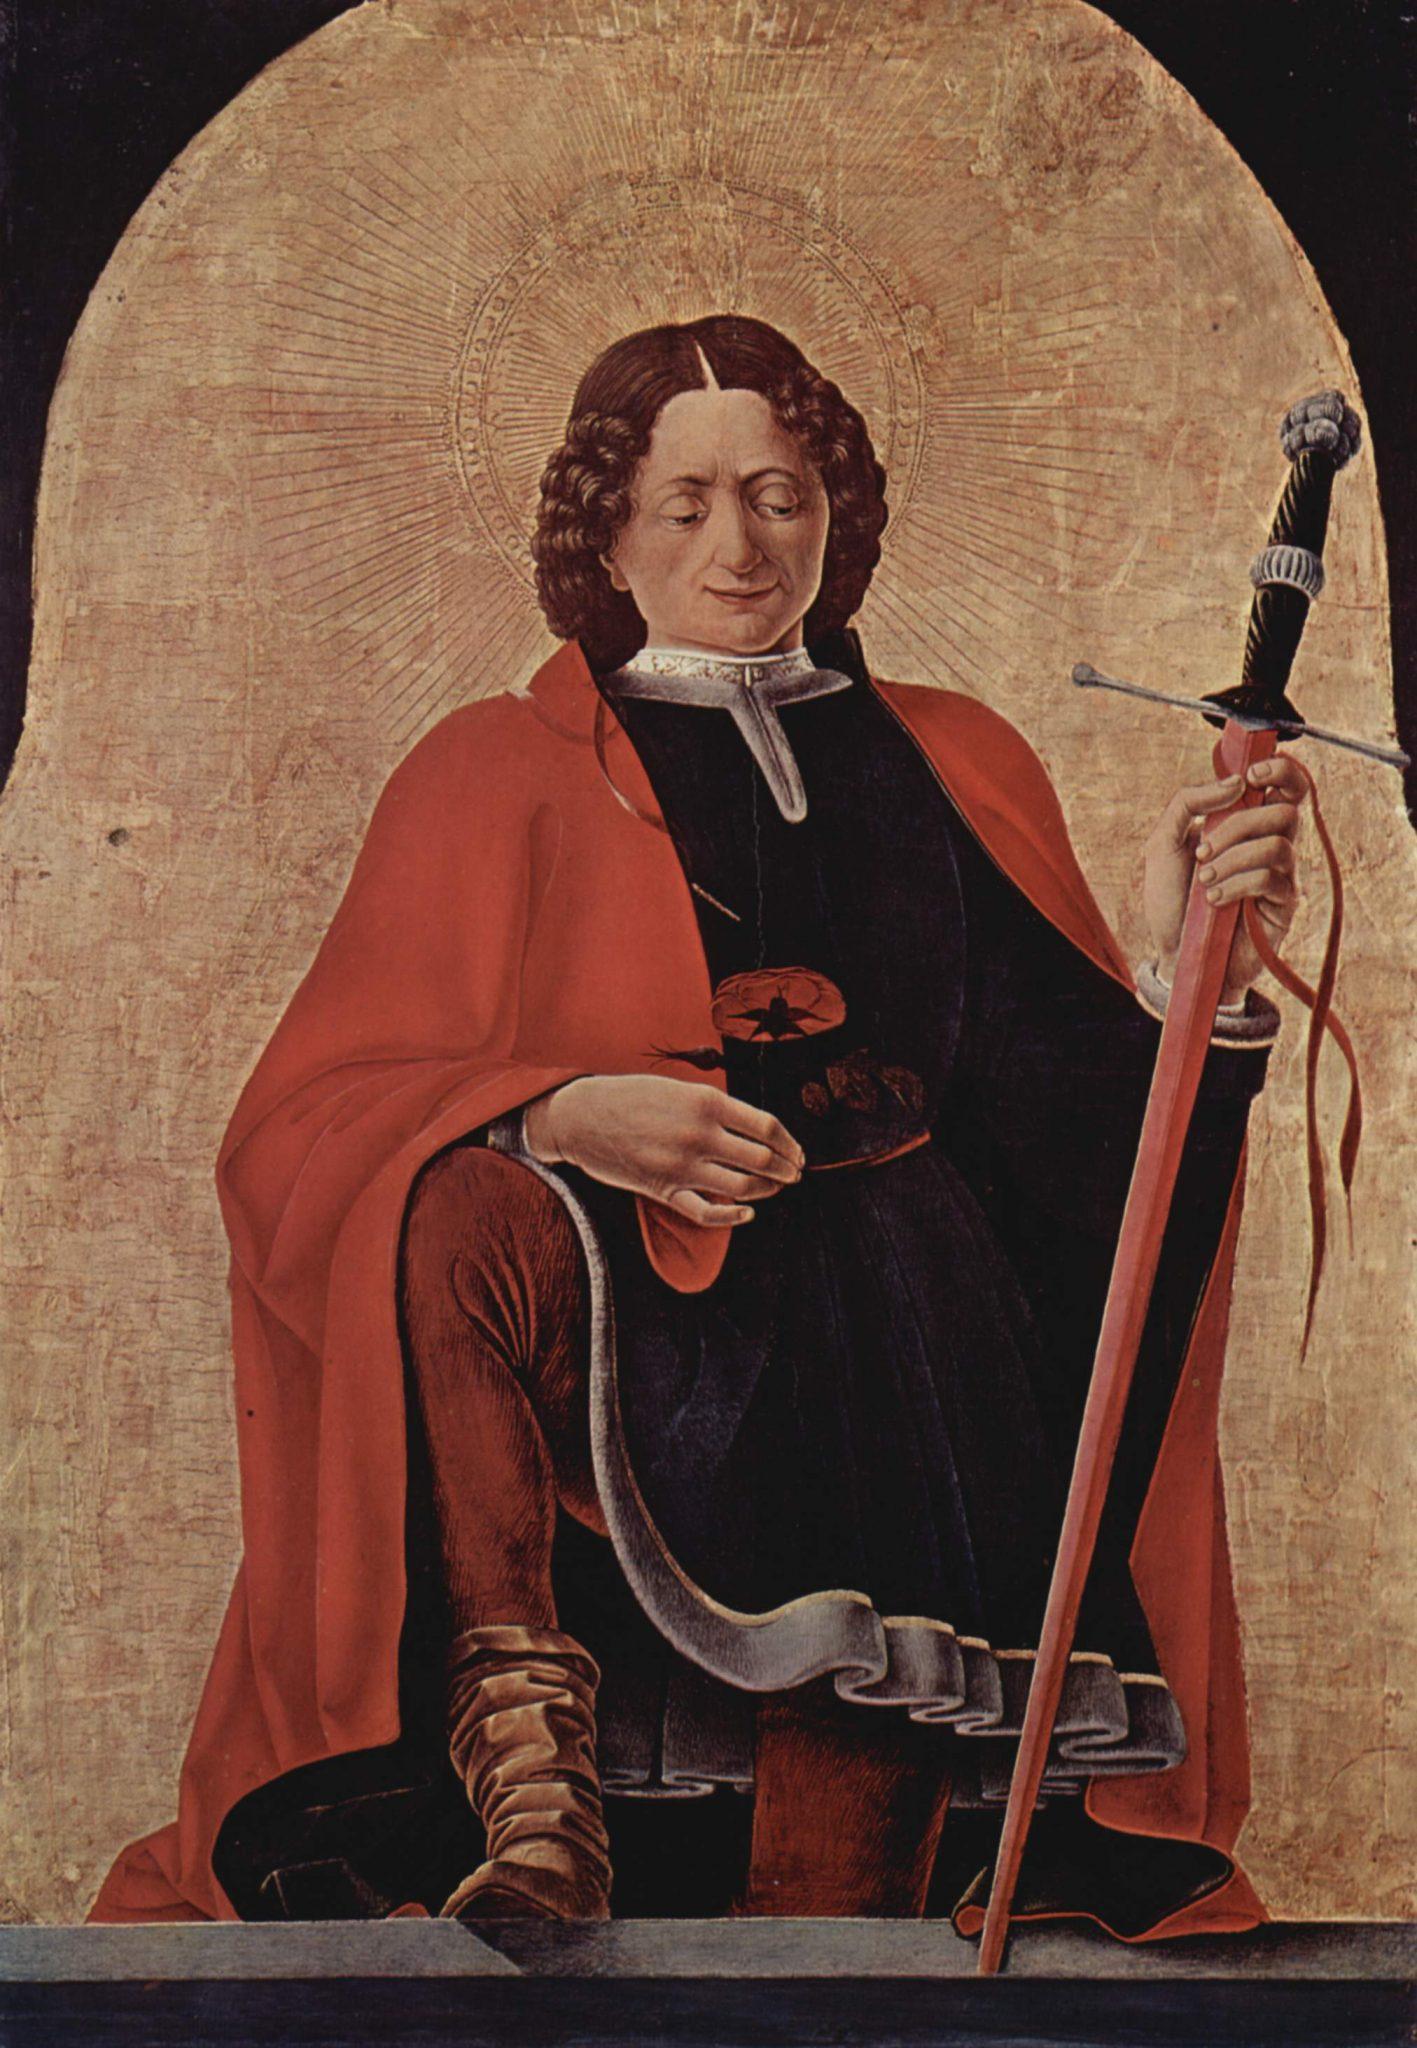 Podobizna svatého Floriána.